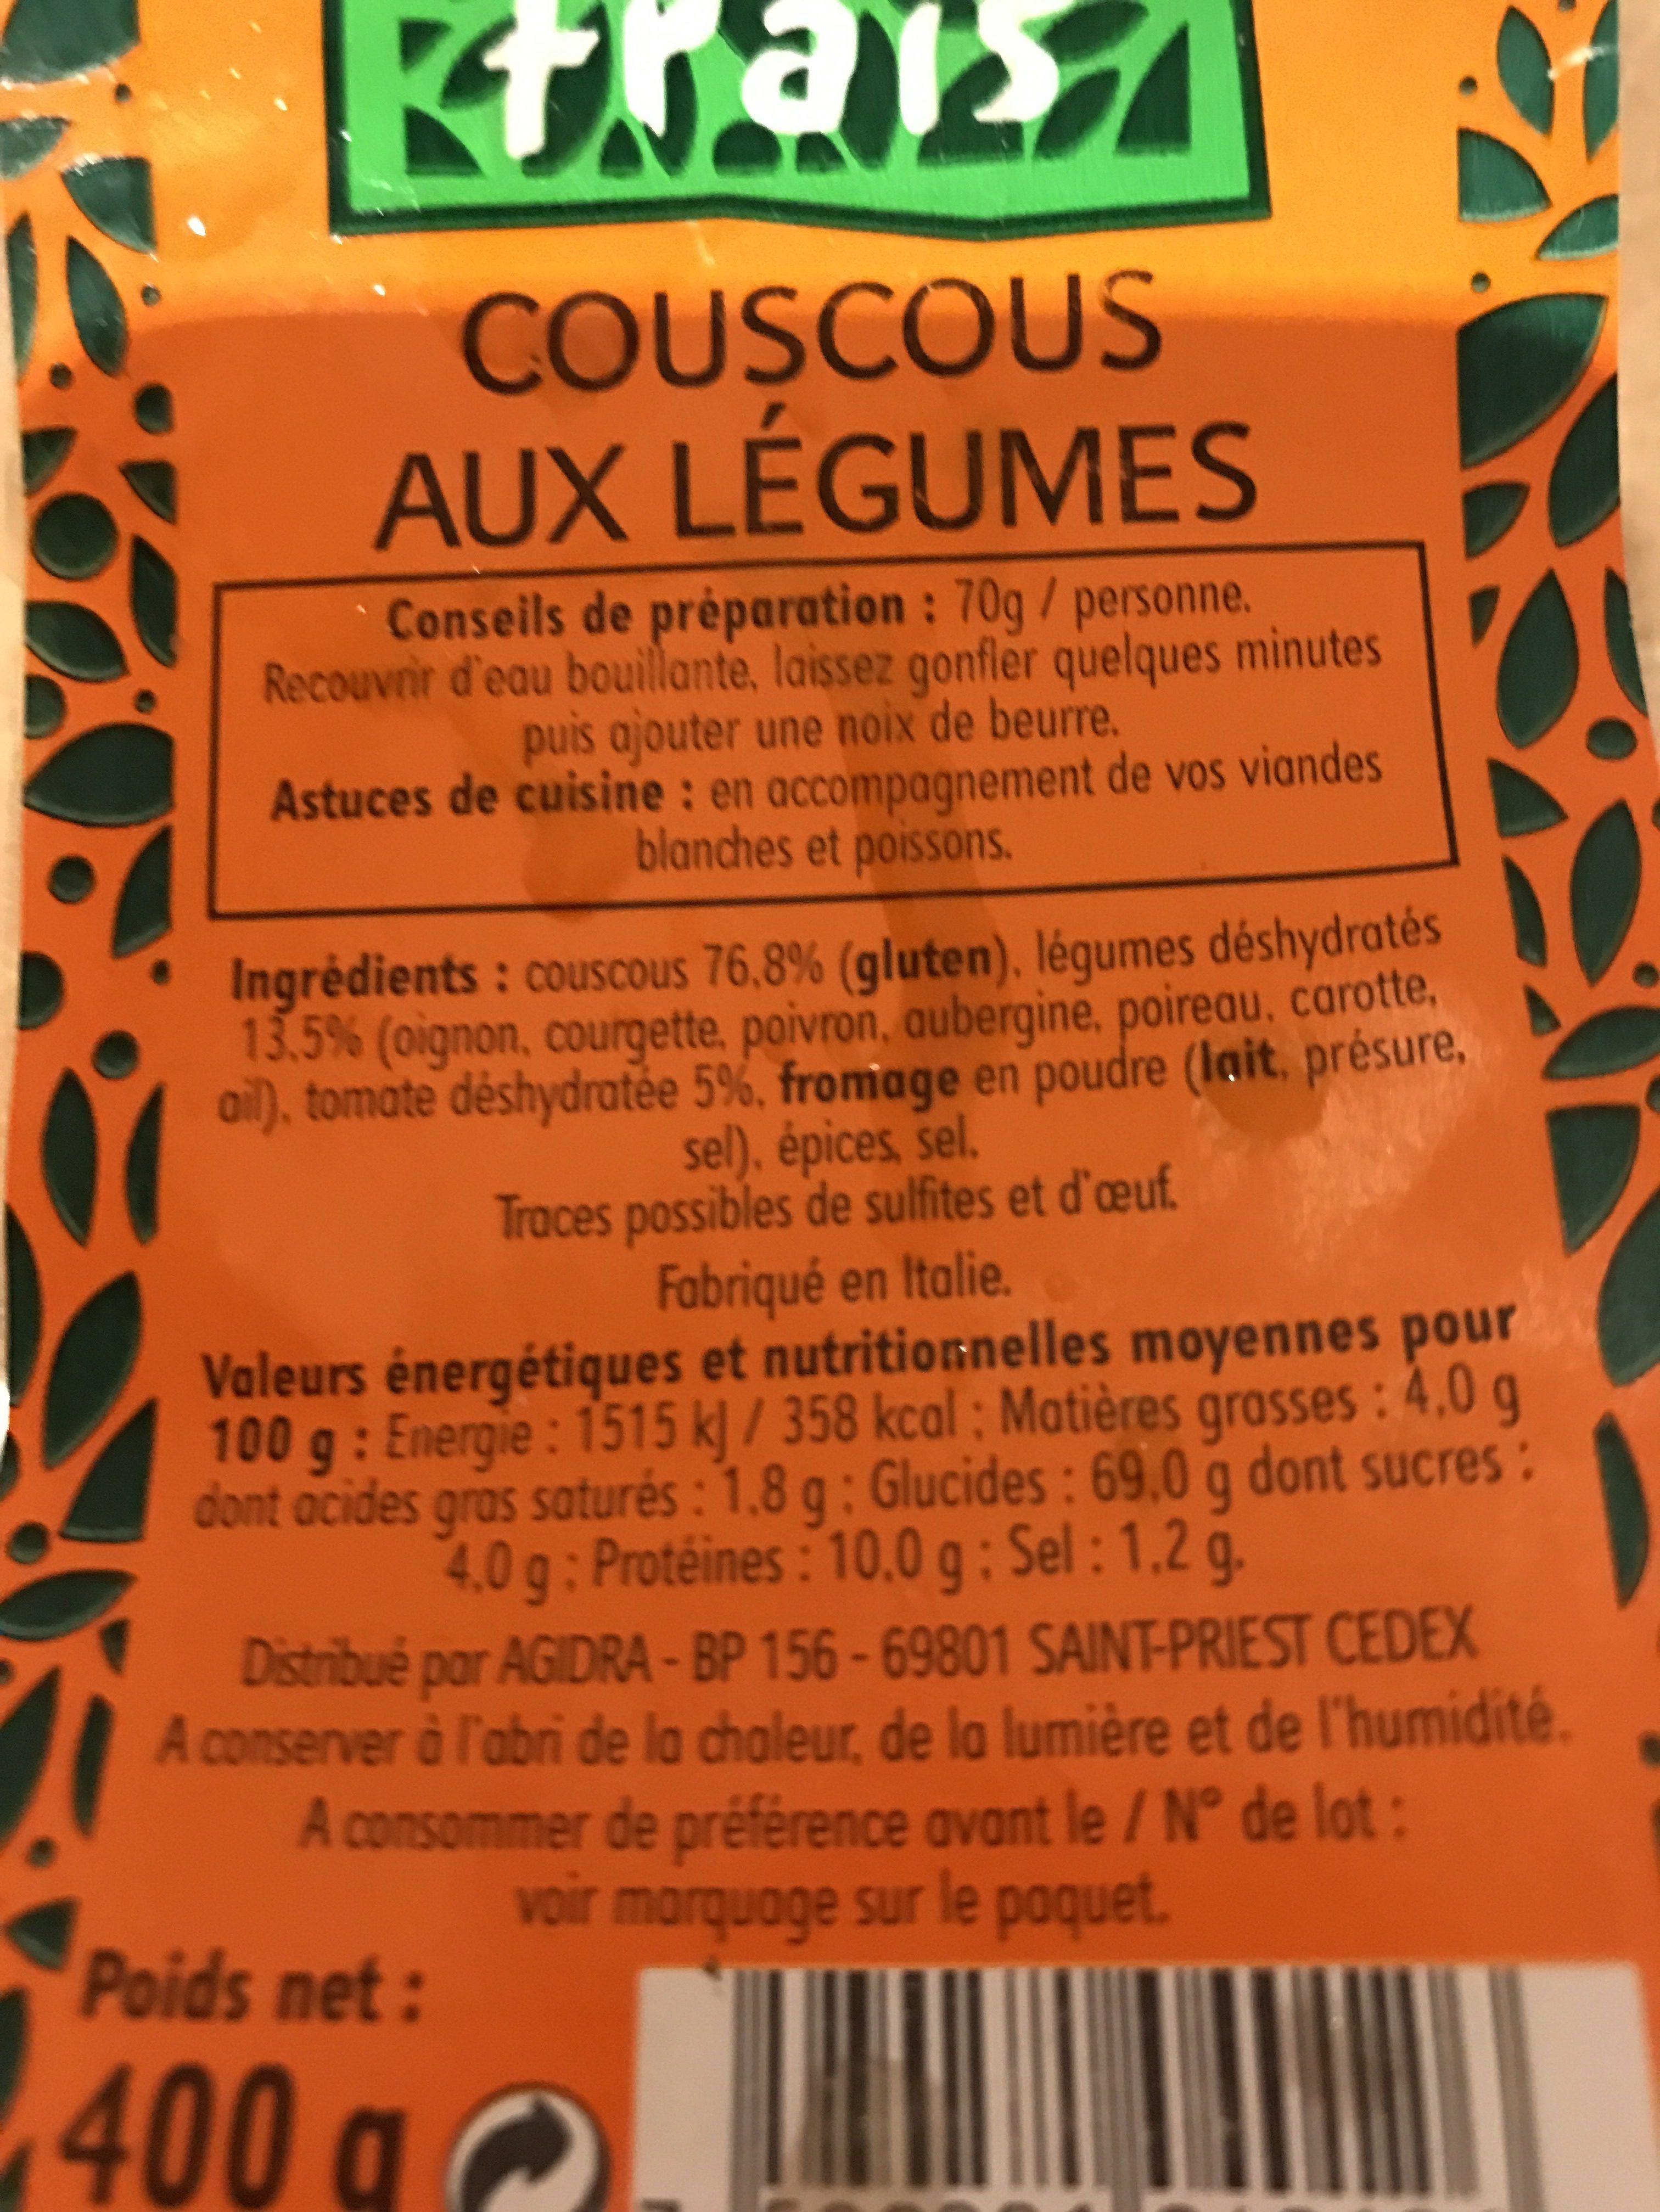 Couscous aux legumes - Ingrédients - fr